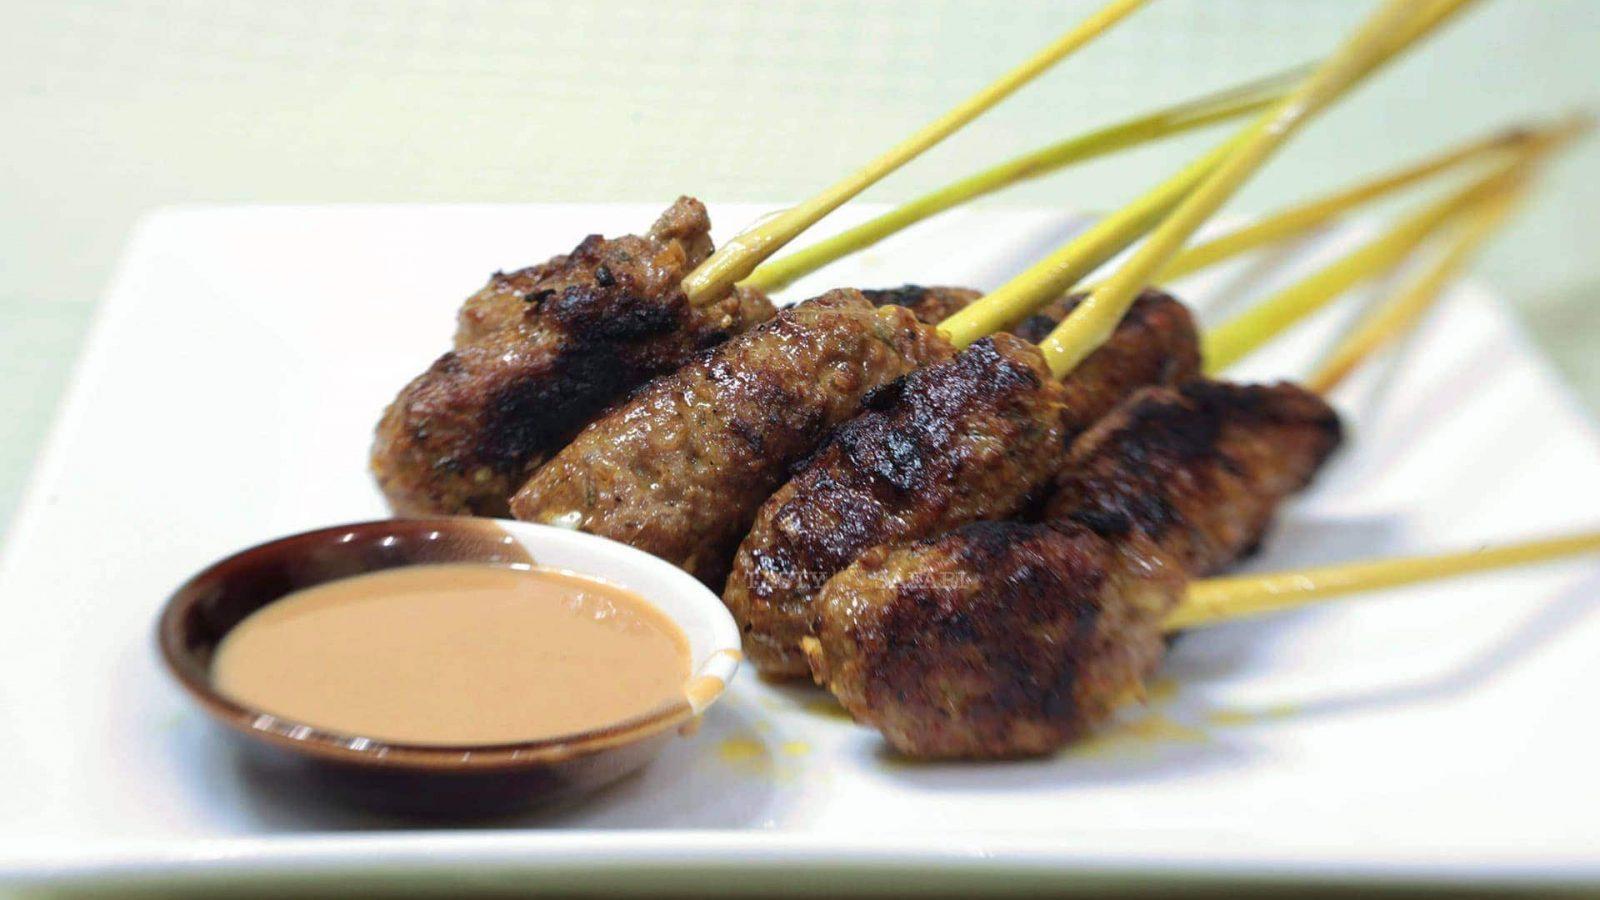 Grilled Pork in Lemongrass Skewers in 4 Easy Steps